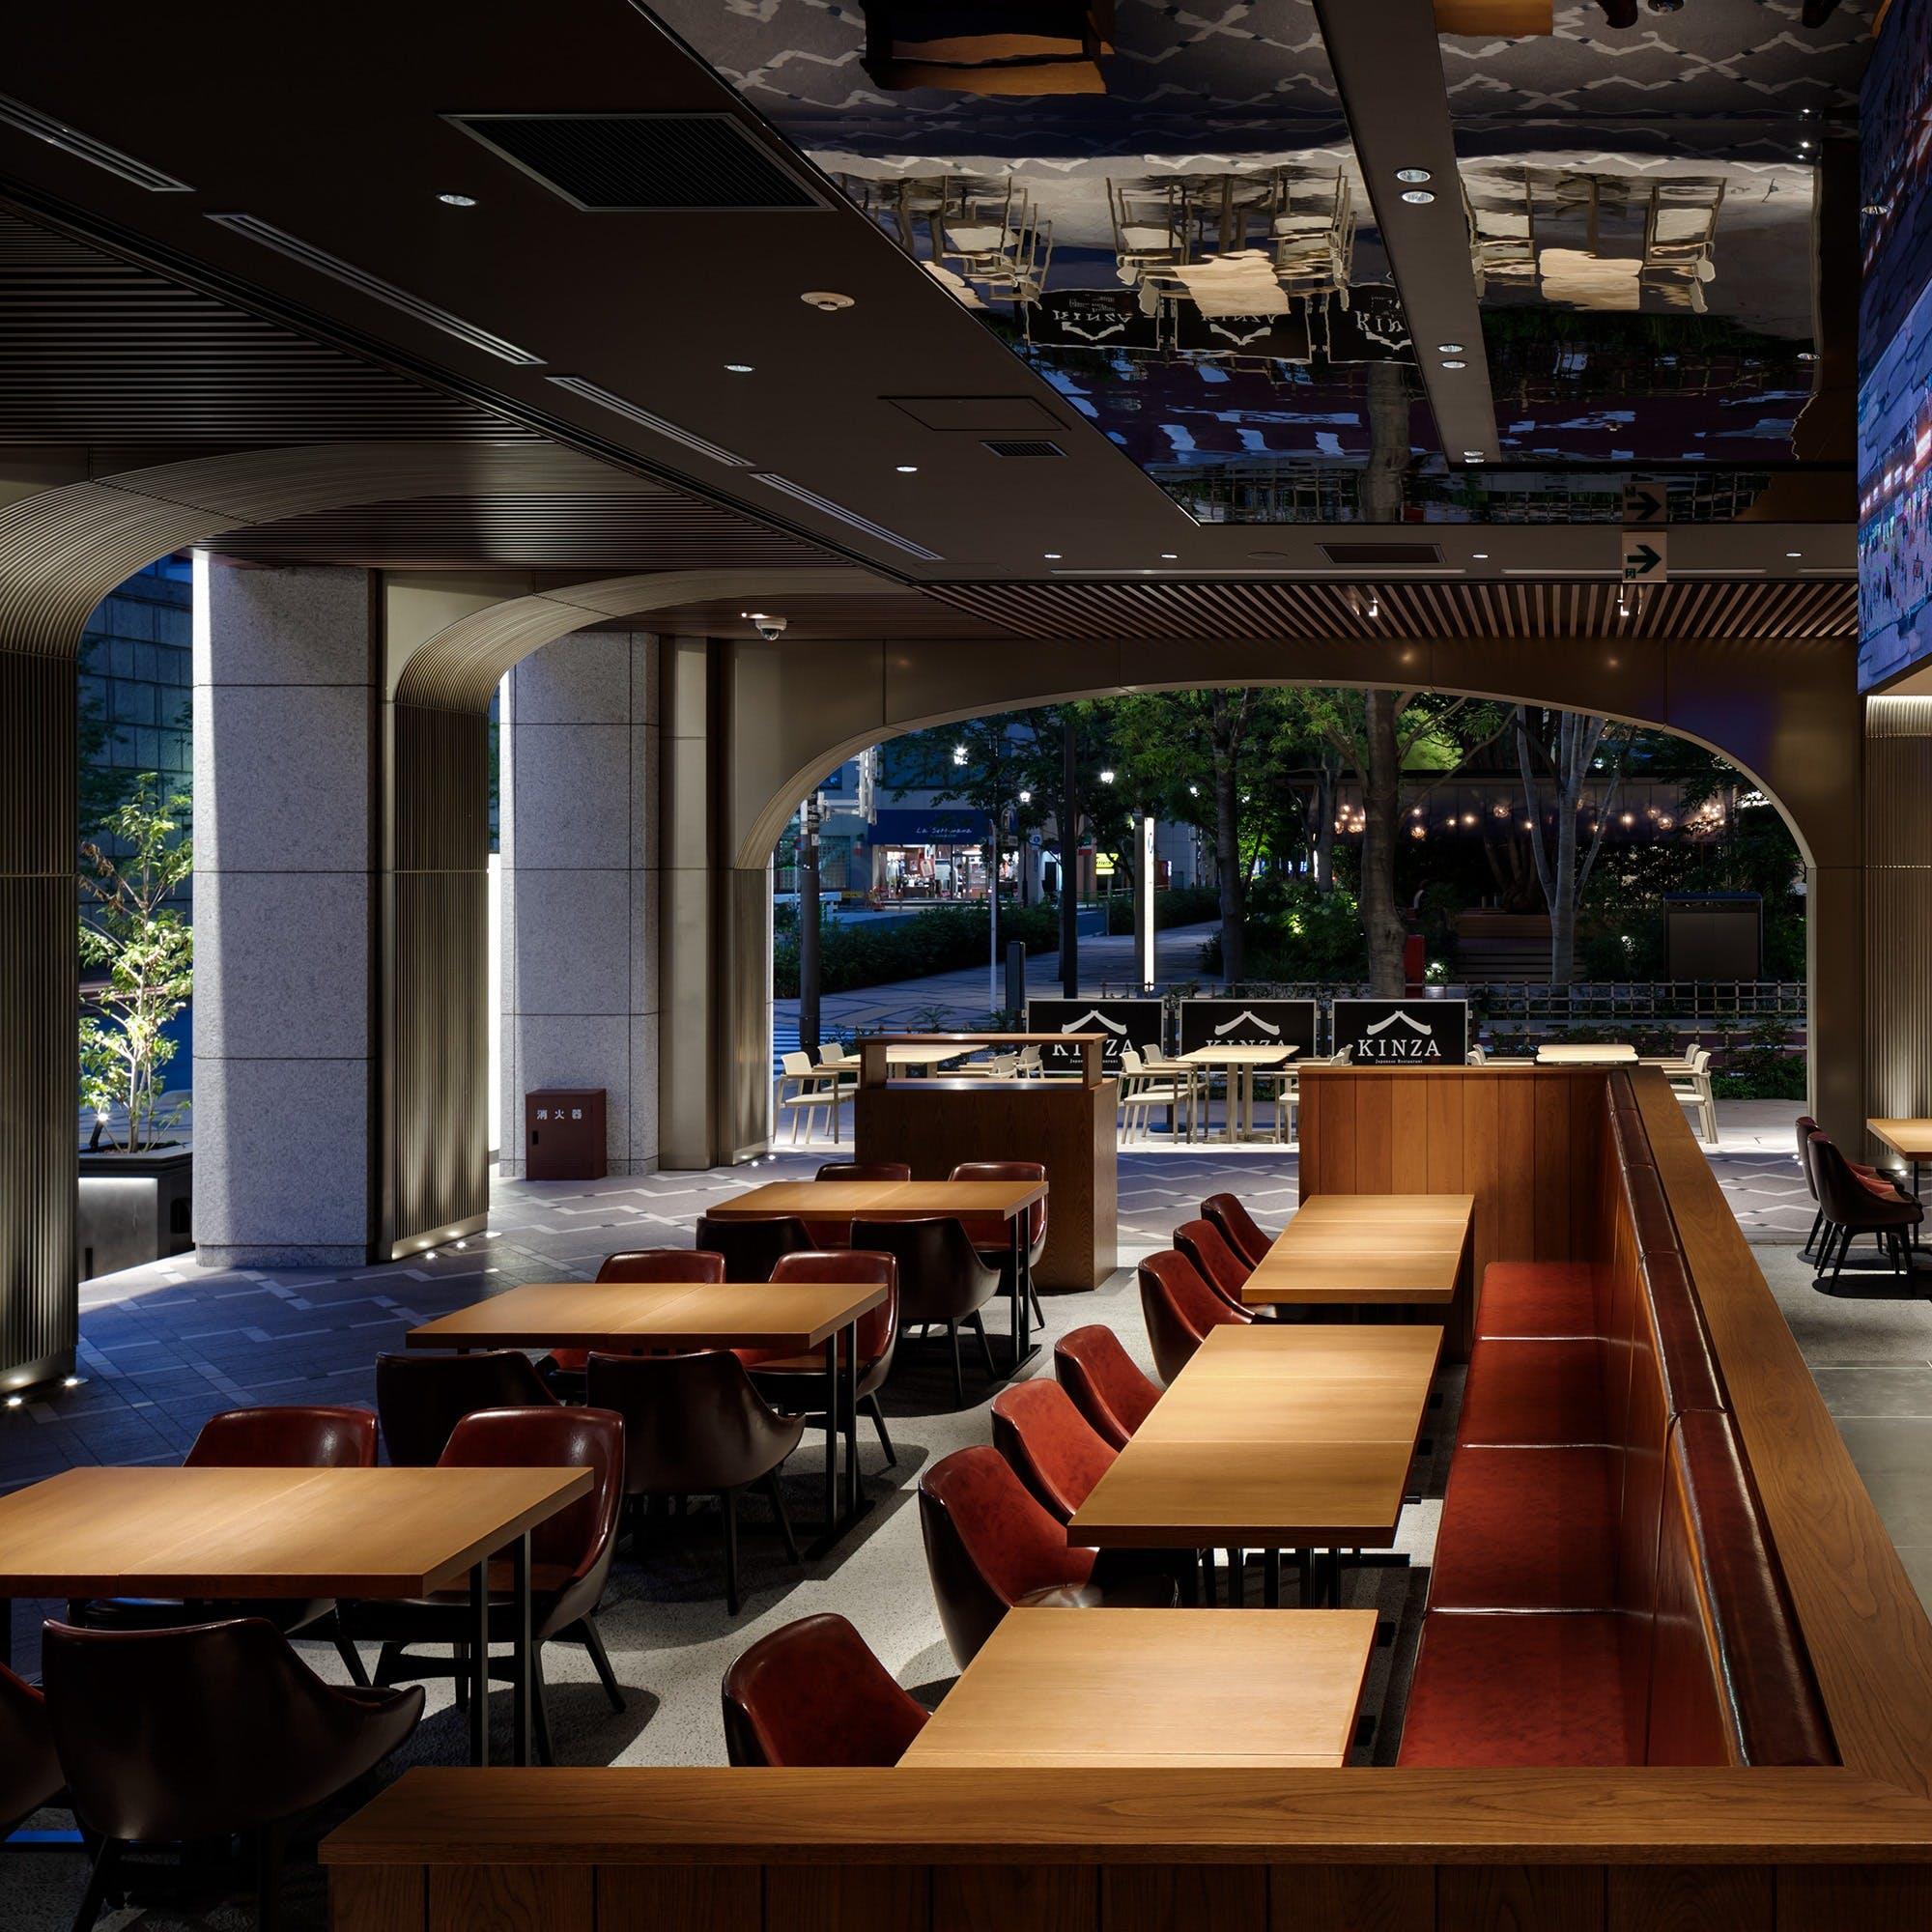 洗練された空間と都会の風を感じるテラス席